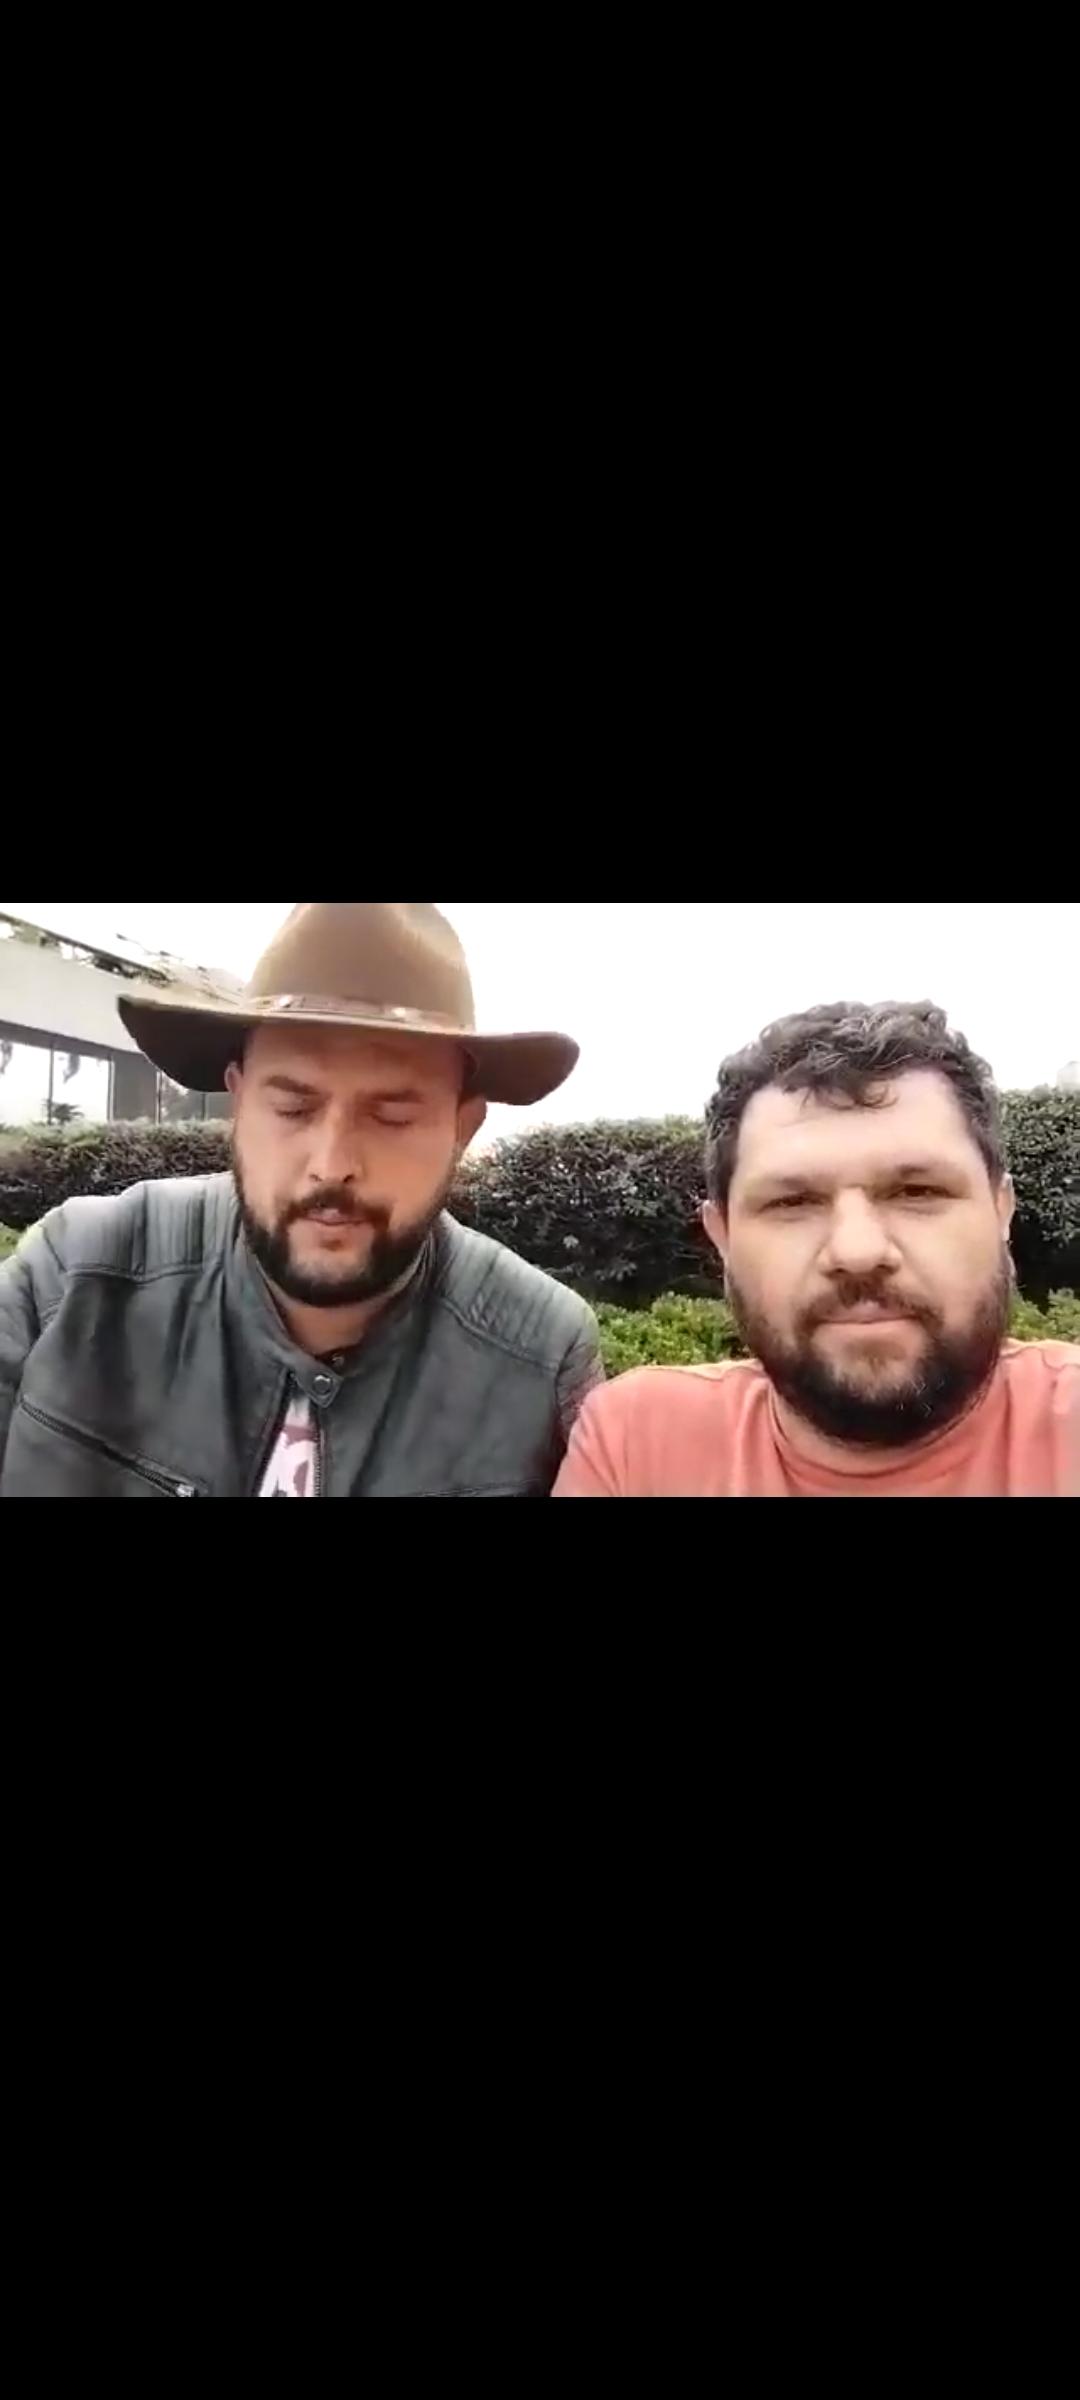 Em vídeo, Zé Trovão defende a decisão de Fachin e diz que o ministro não chegou a analisar o pedido